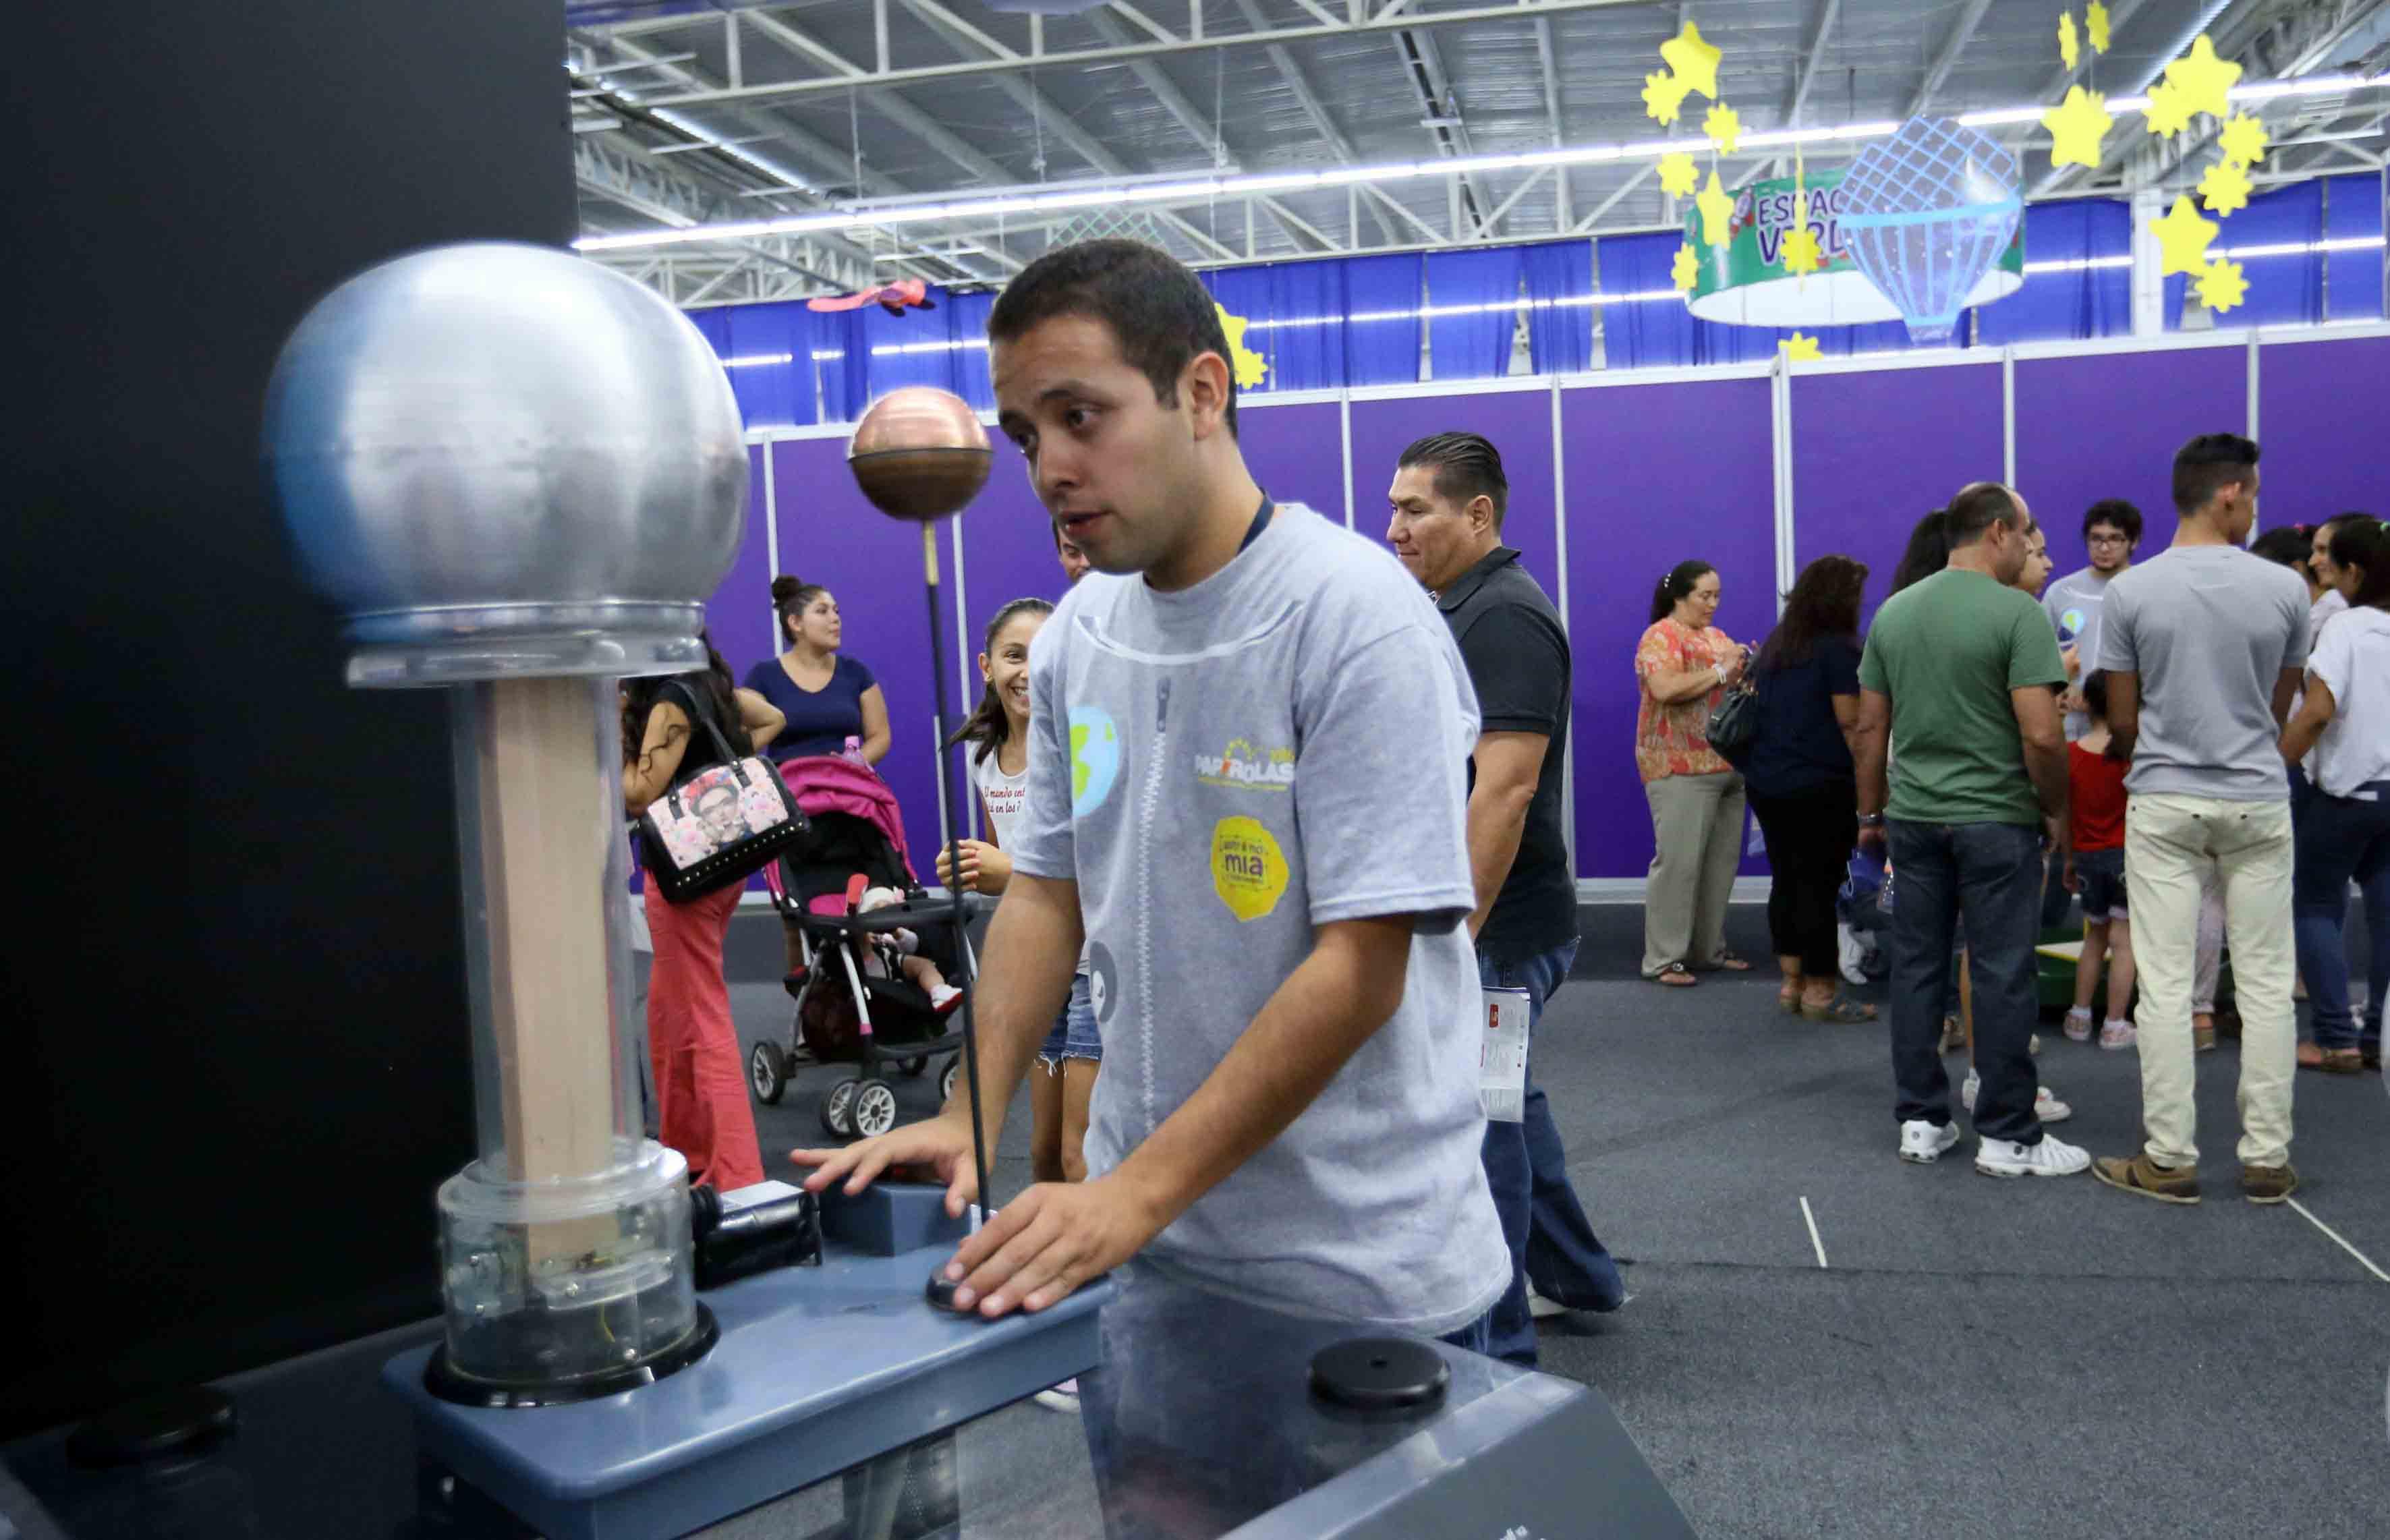 Jovén participando de talleres del Festival Papirolas